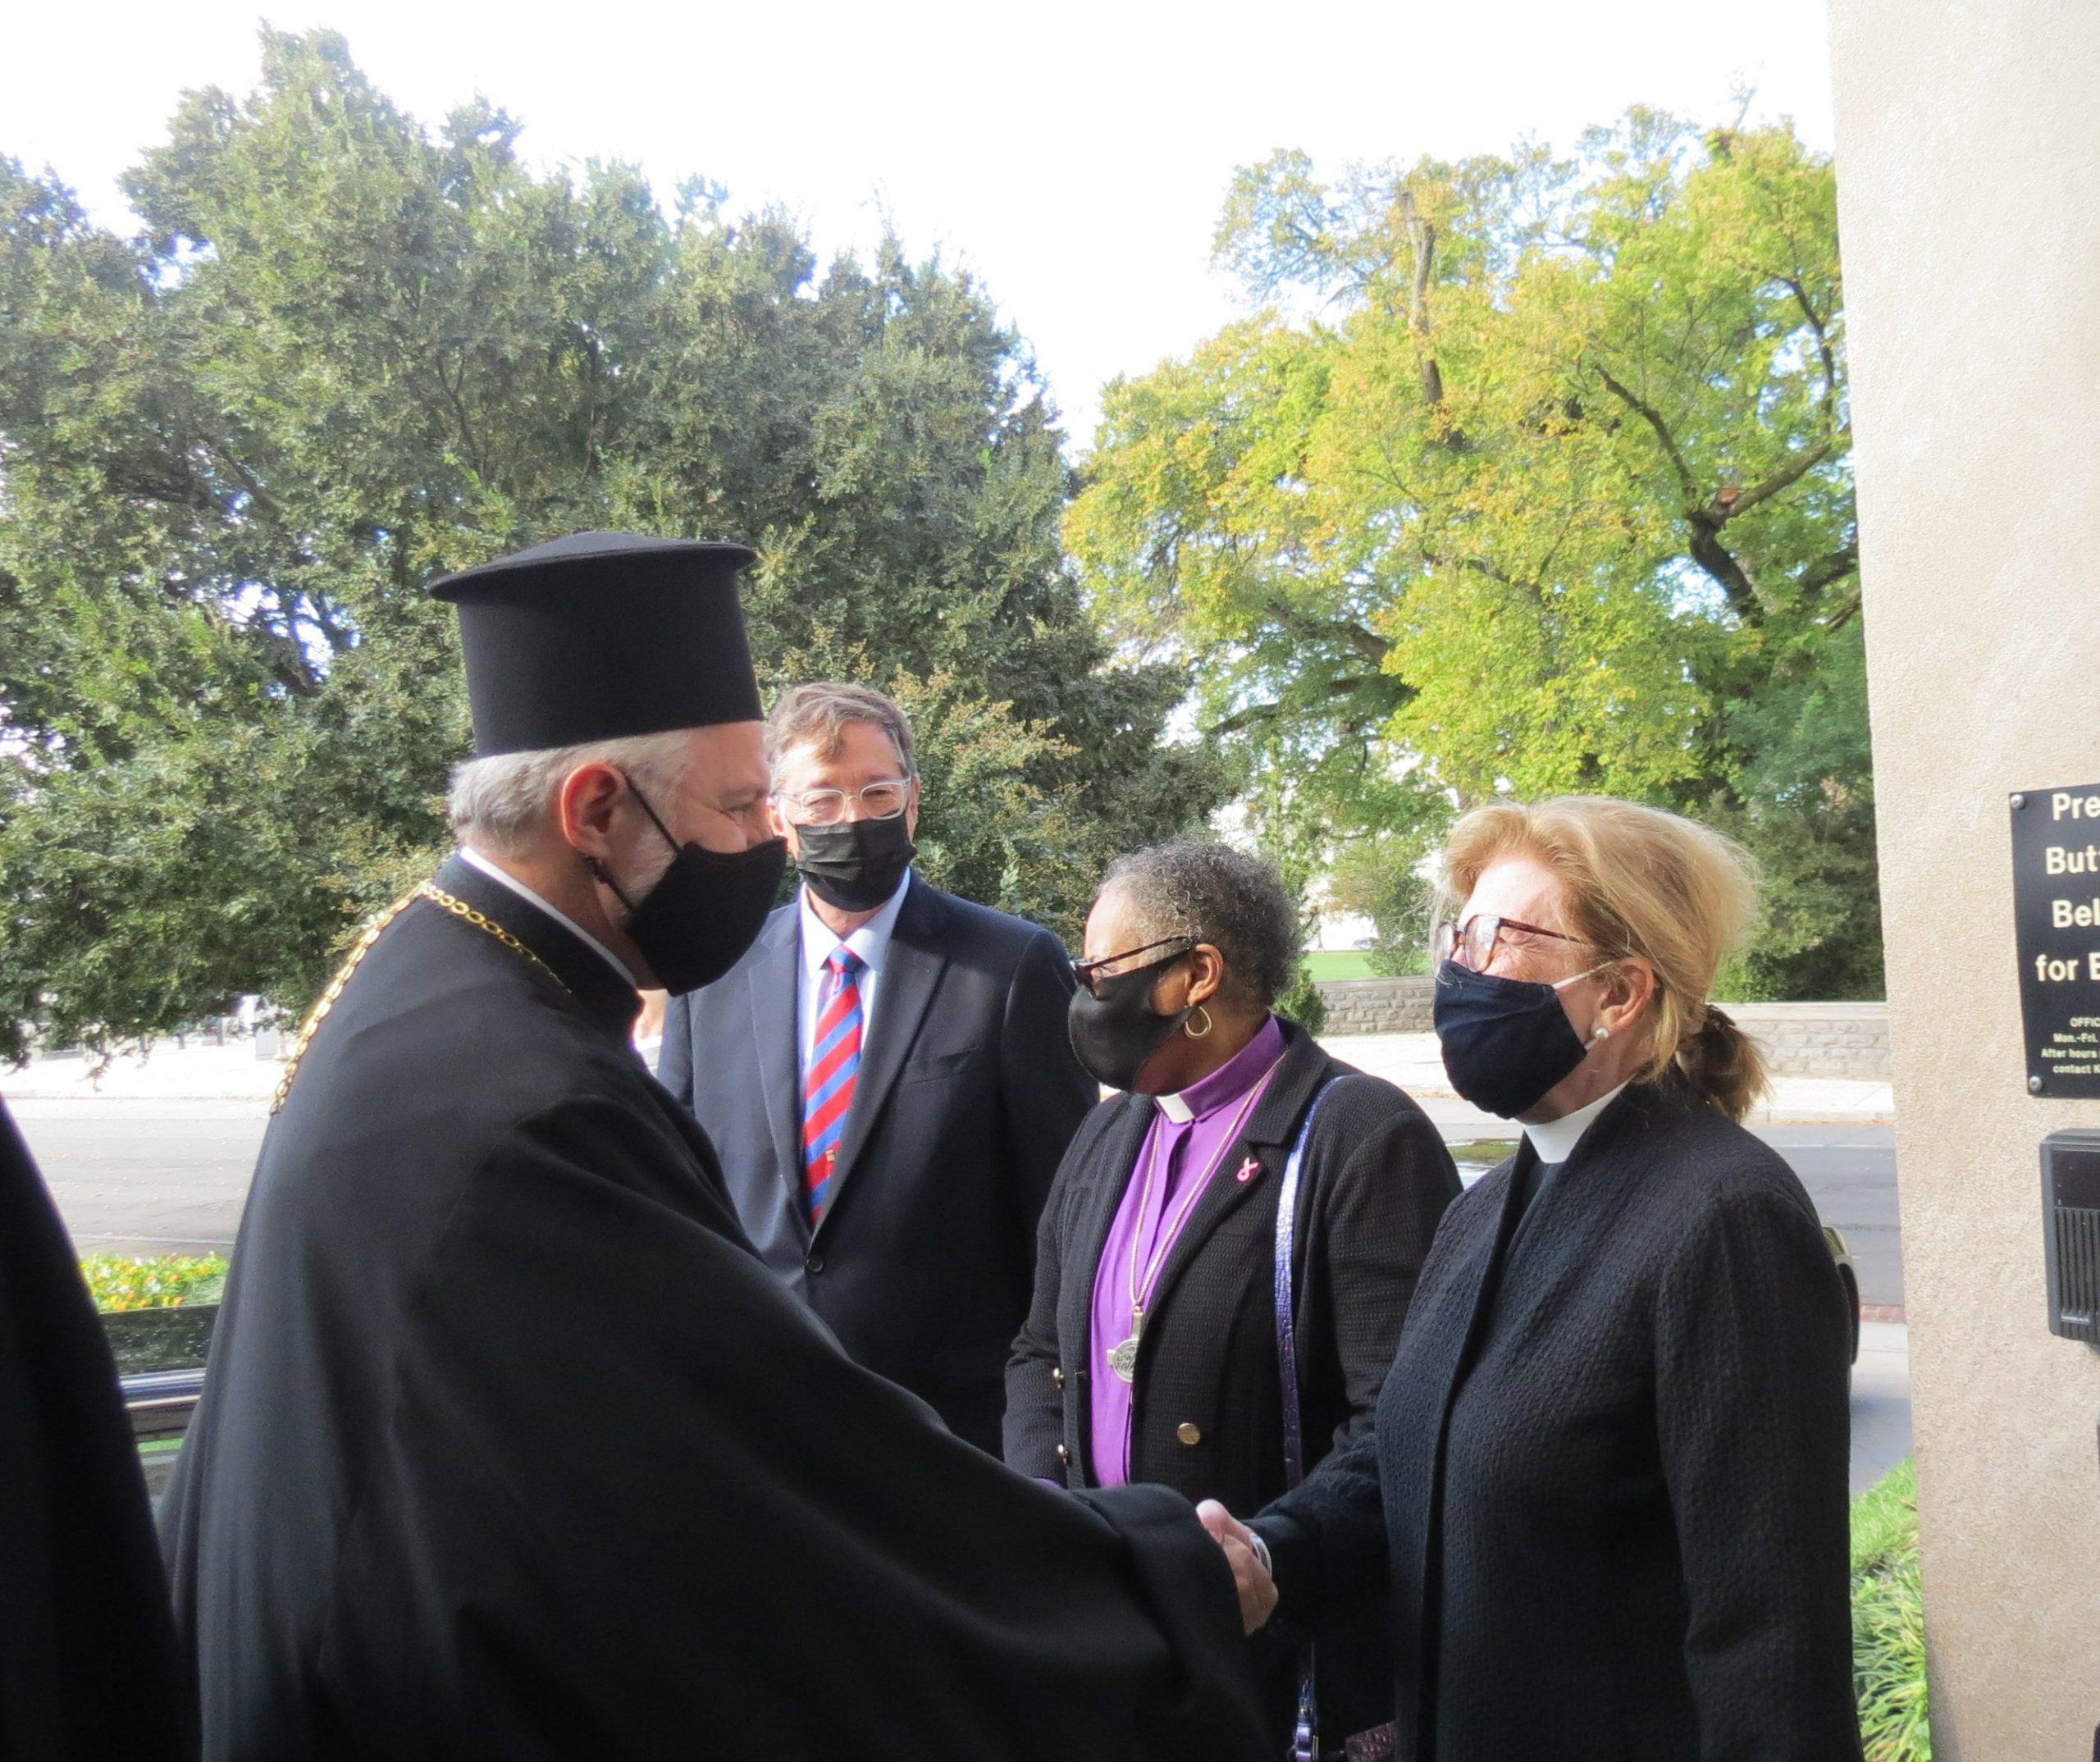 Archbishop Elpidophoros arrives